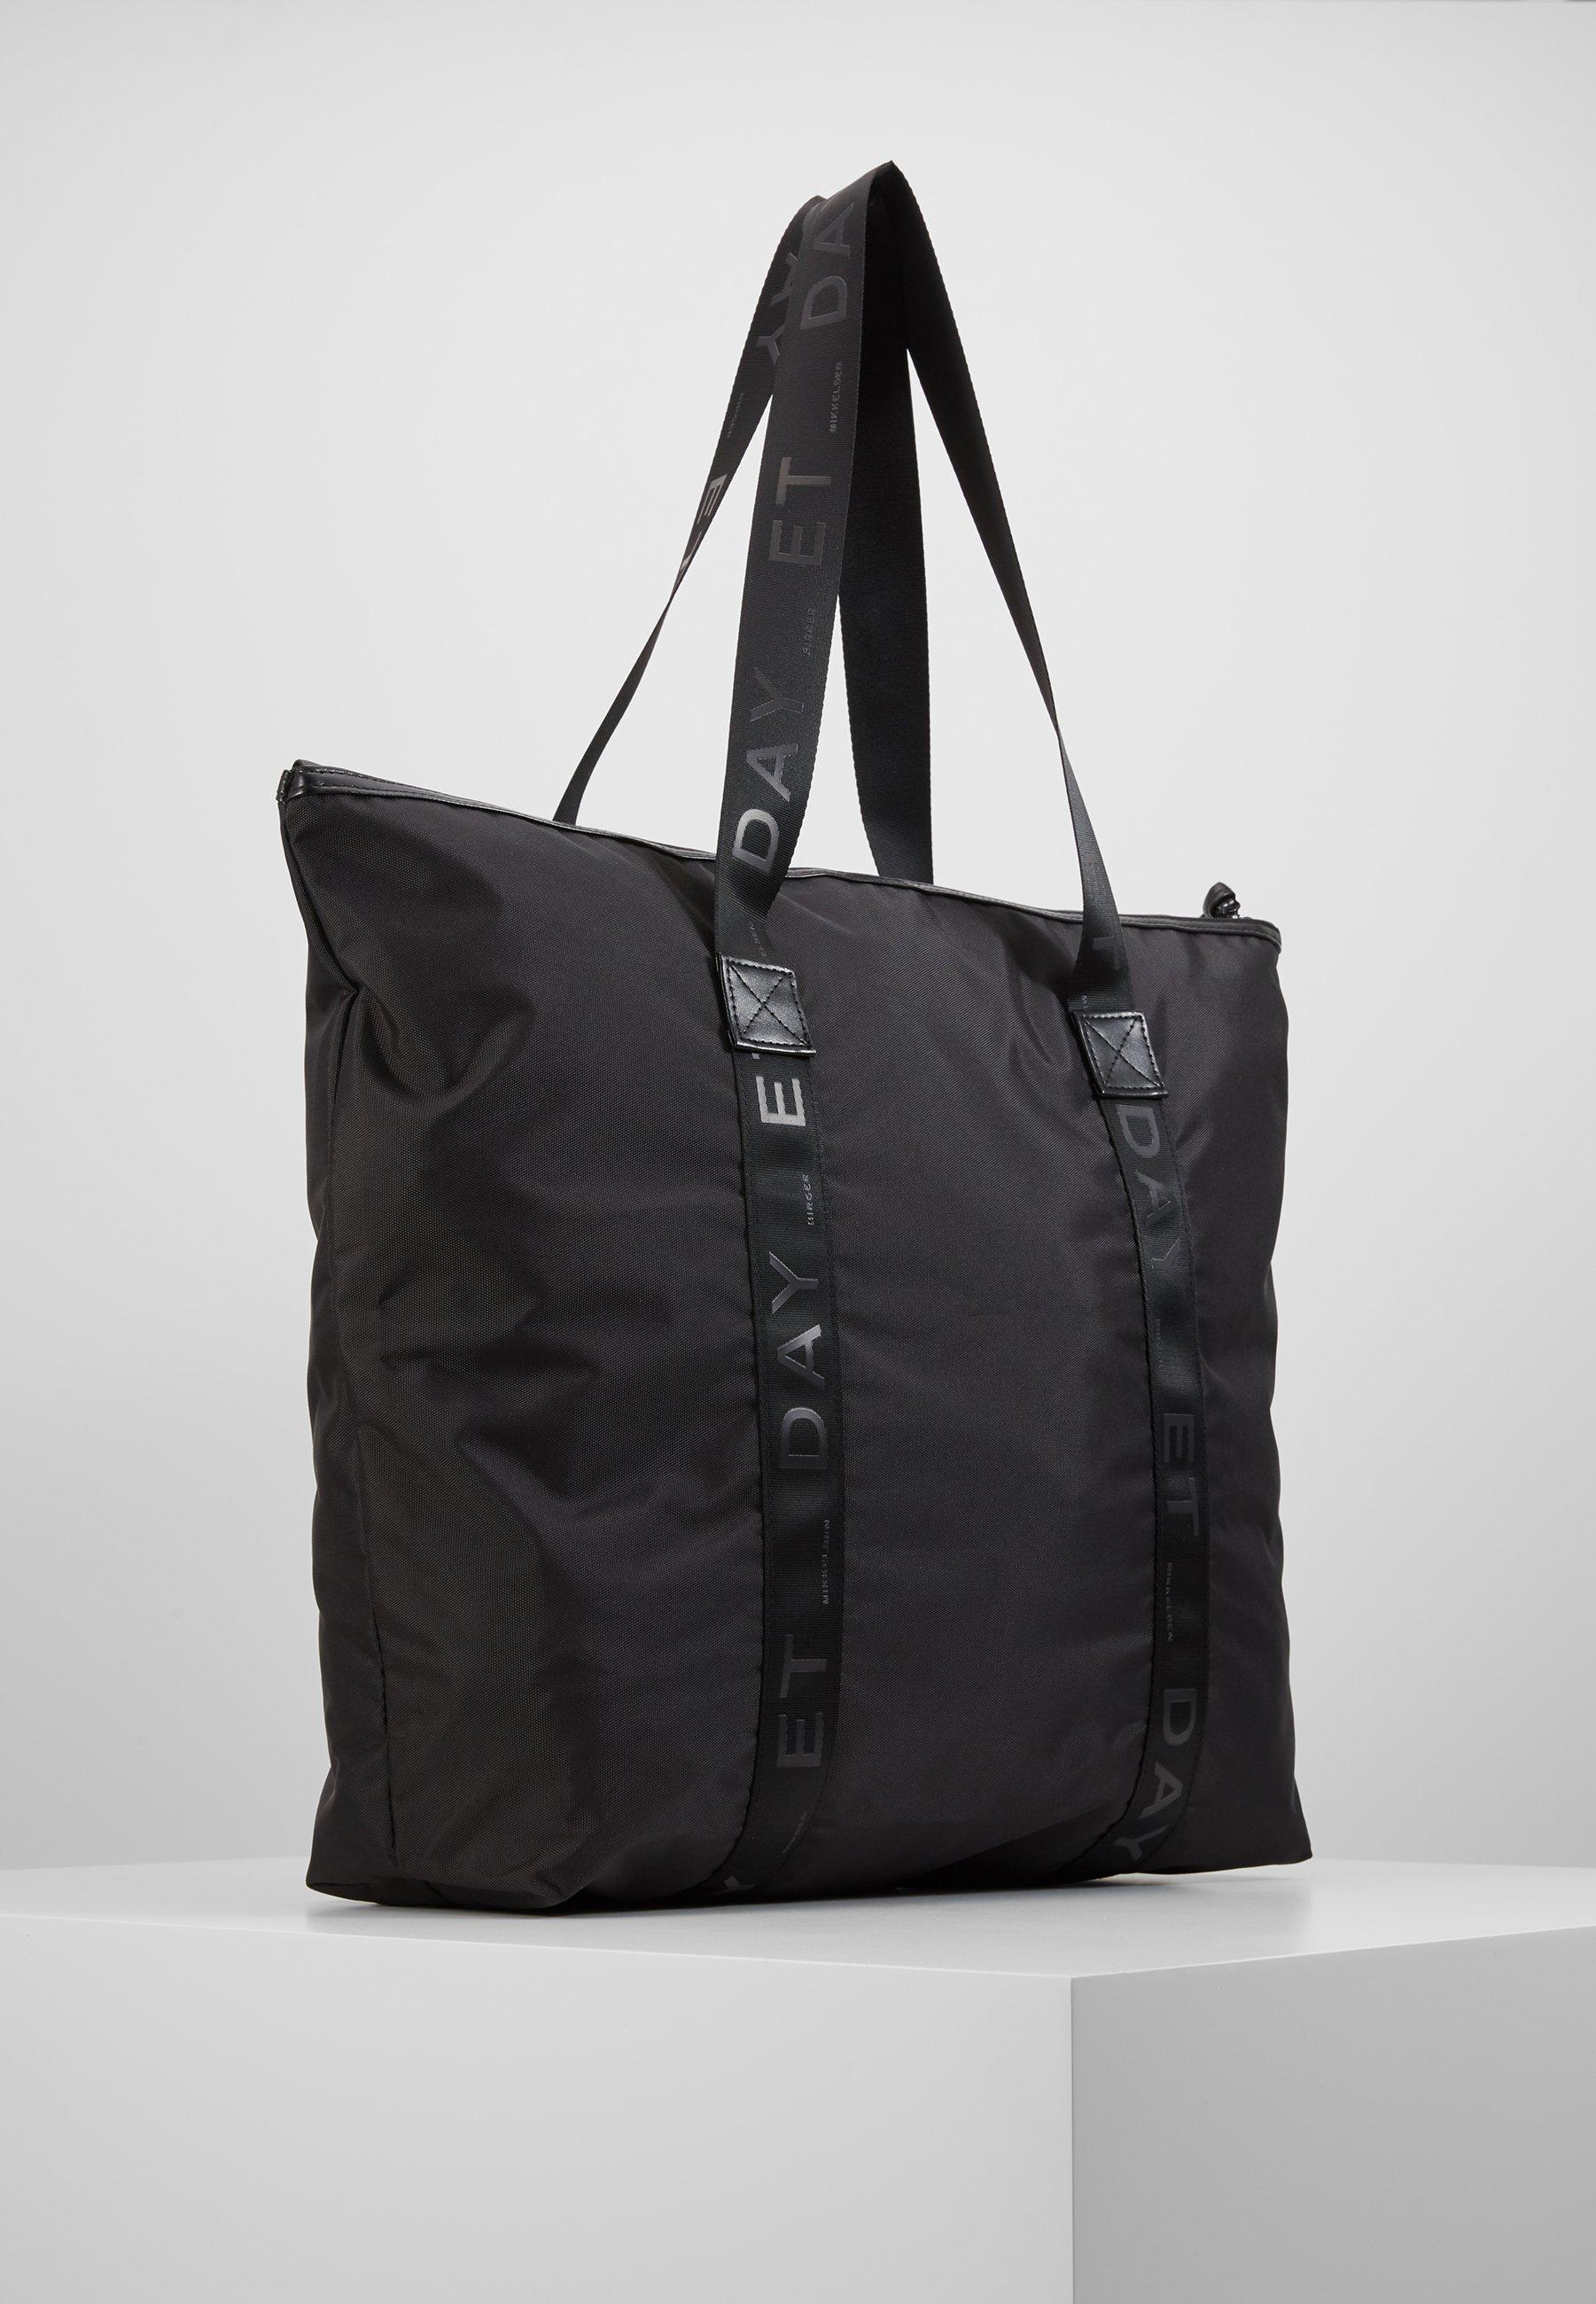 Day Birger Et Mikkelsen Gweneth Recycle Bag - Cabas Black